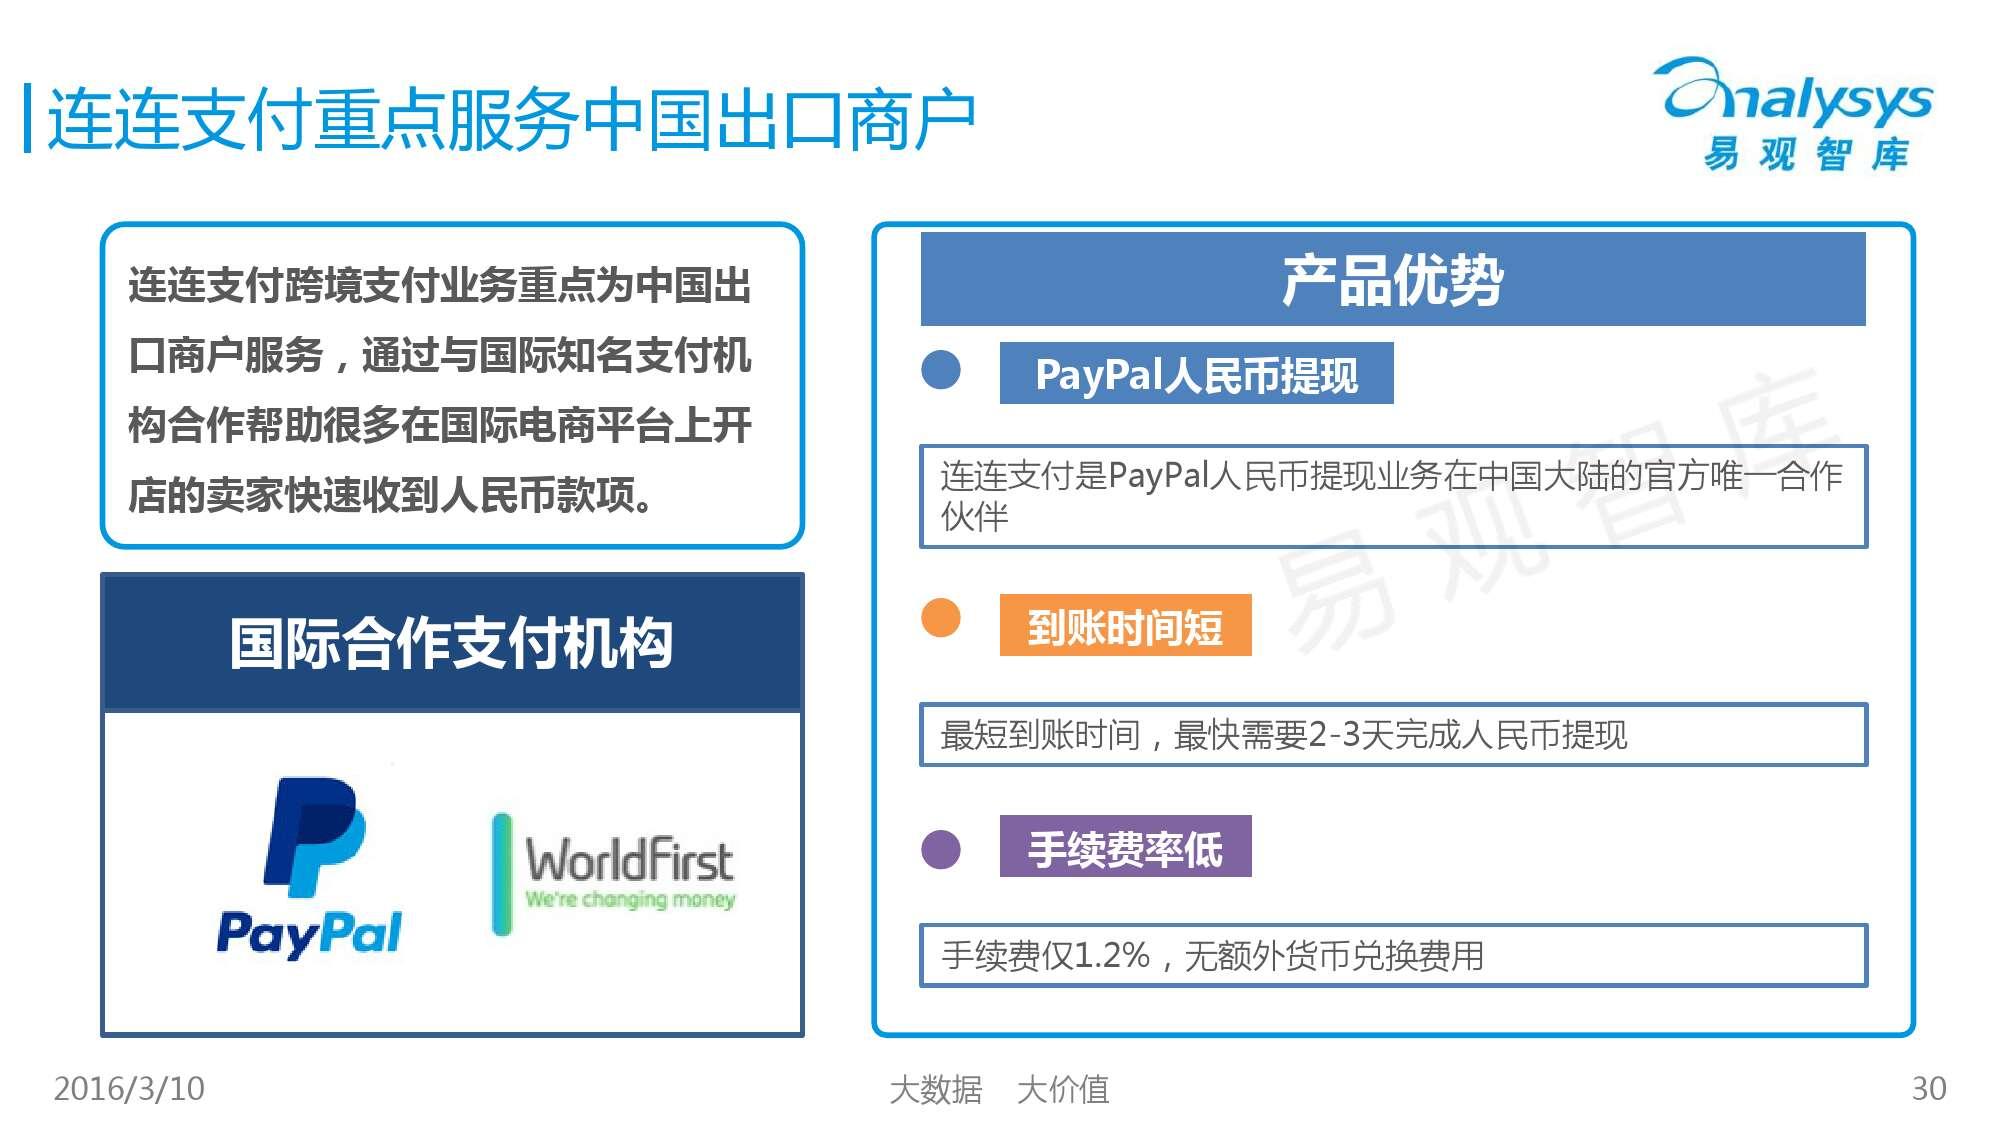 中国跨境支付市场专题研究报告2016_000030